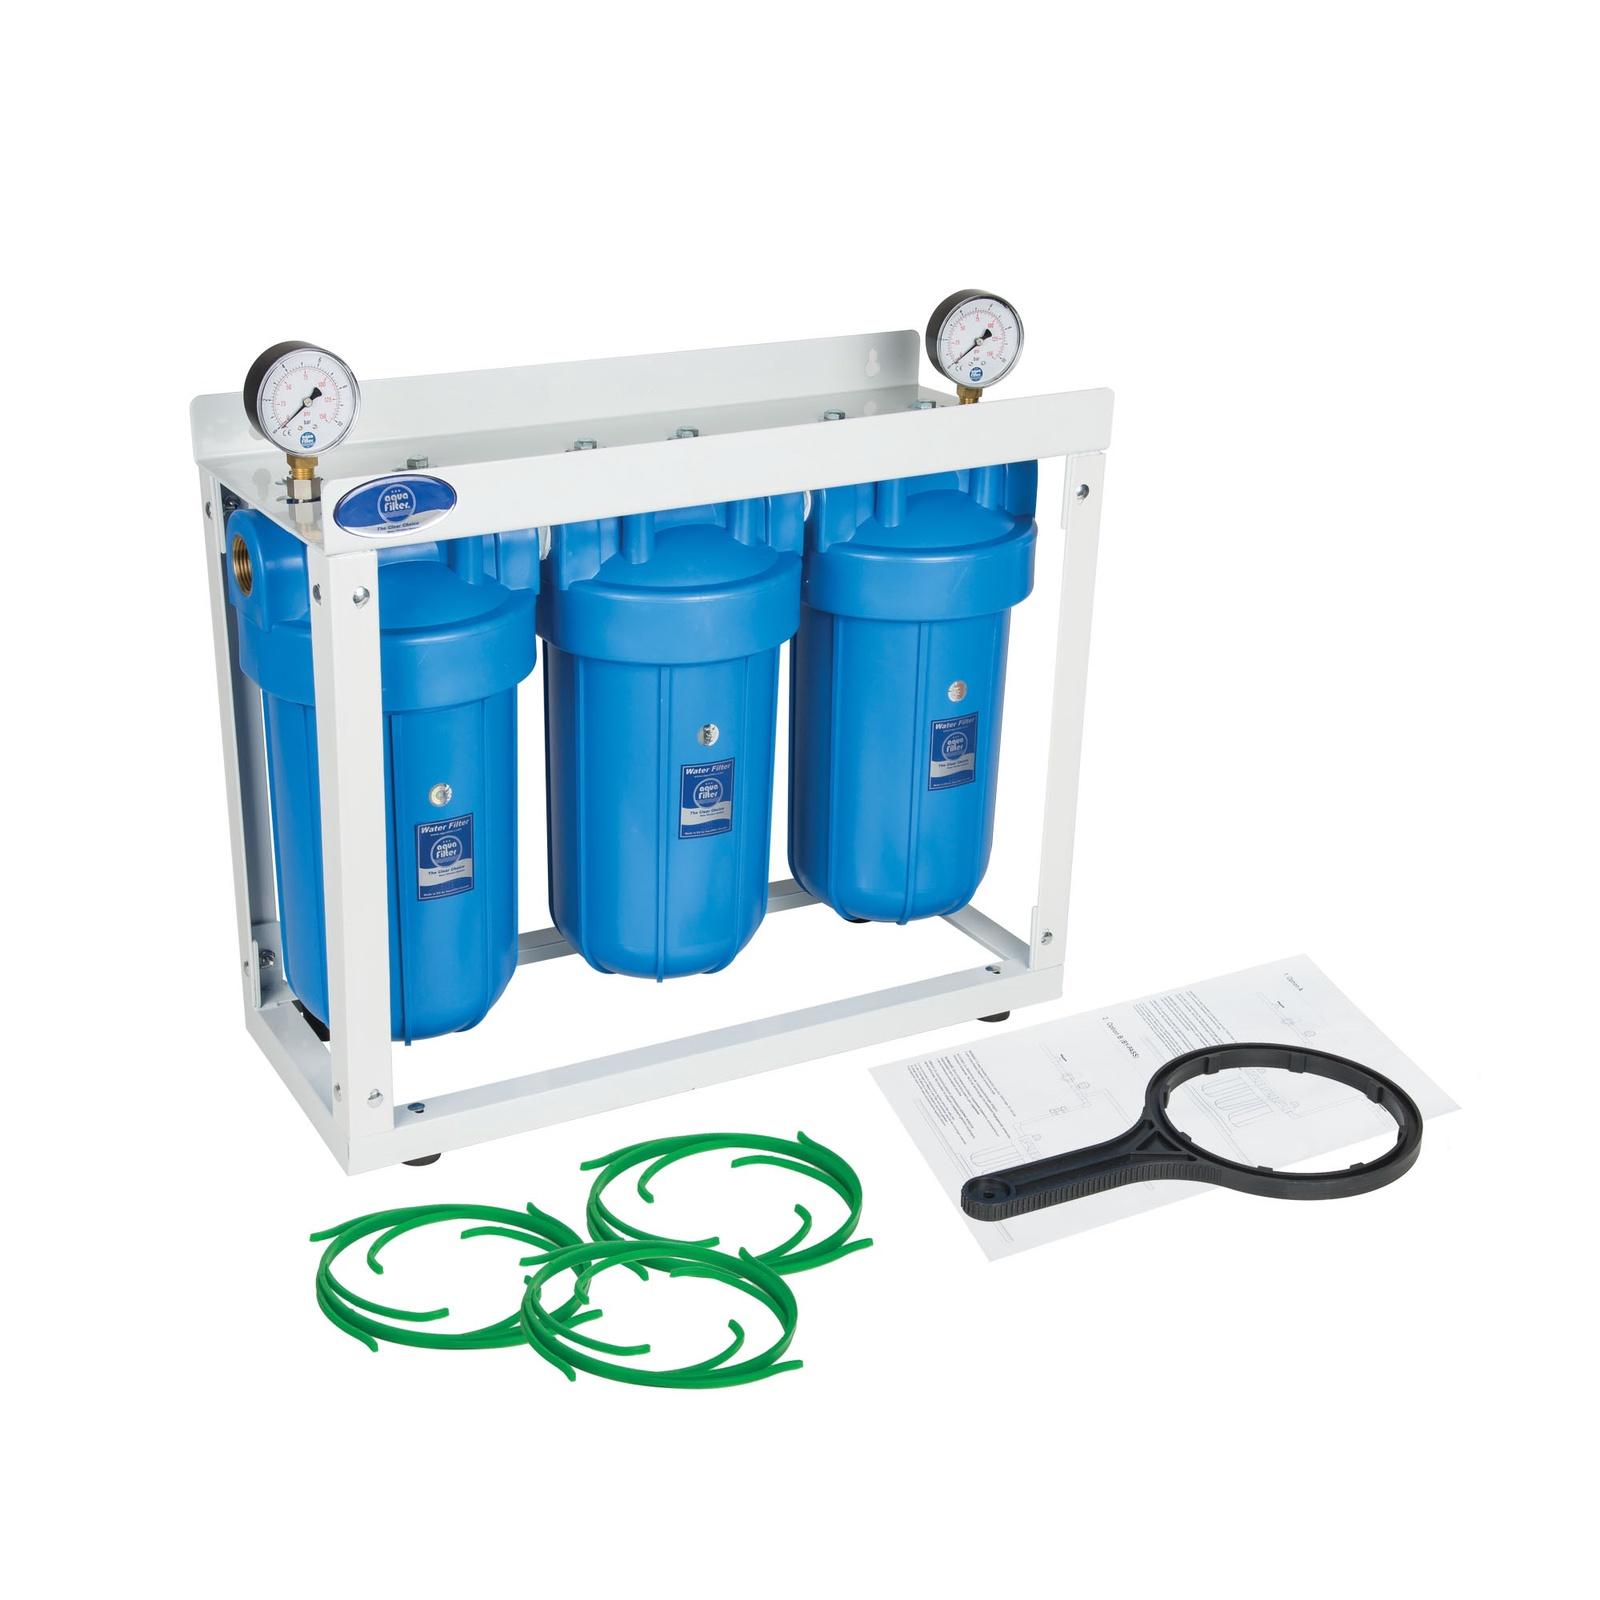 Фильтр из 3-х корпусов 10 ВВ на стеллаже, с двумя манометрами входе и выходе, Комплексная очистка, Aquafilter HHBB10B, 565